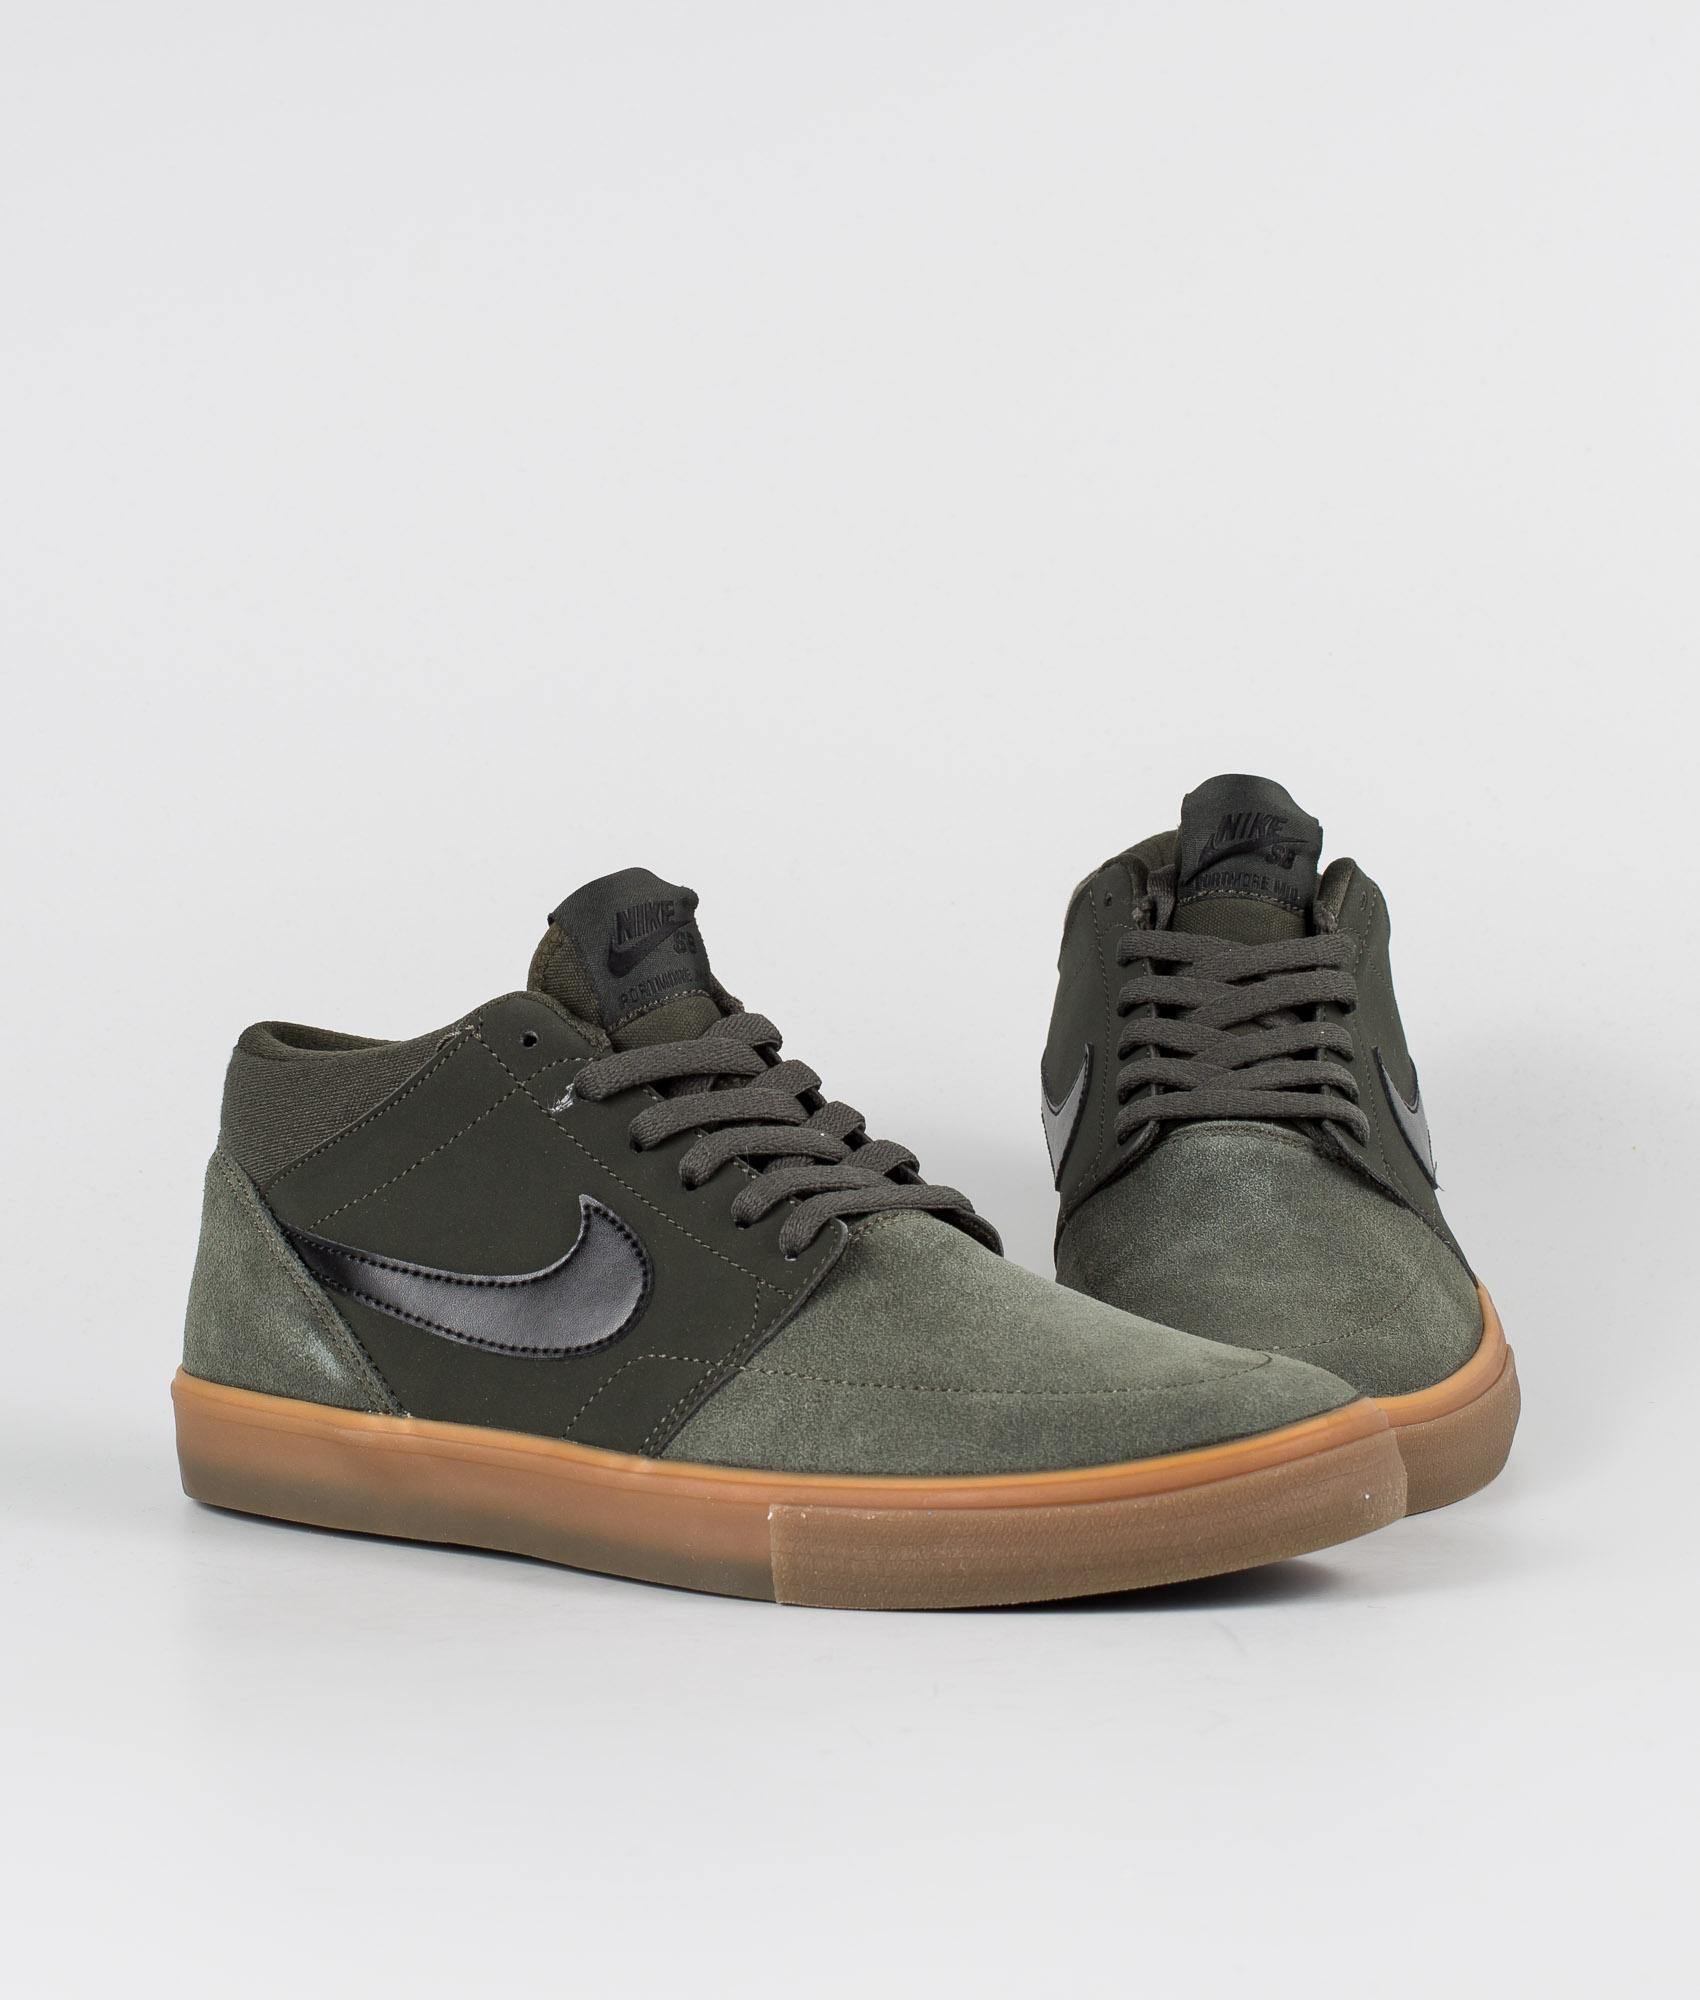 Nike SB Solarsoft Portmore ll Mid Skateboarding Sneaker SequoiaBlackGum Med Brown